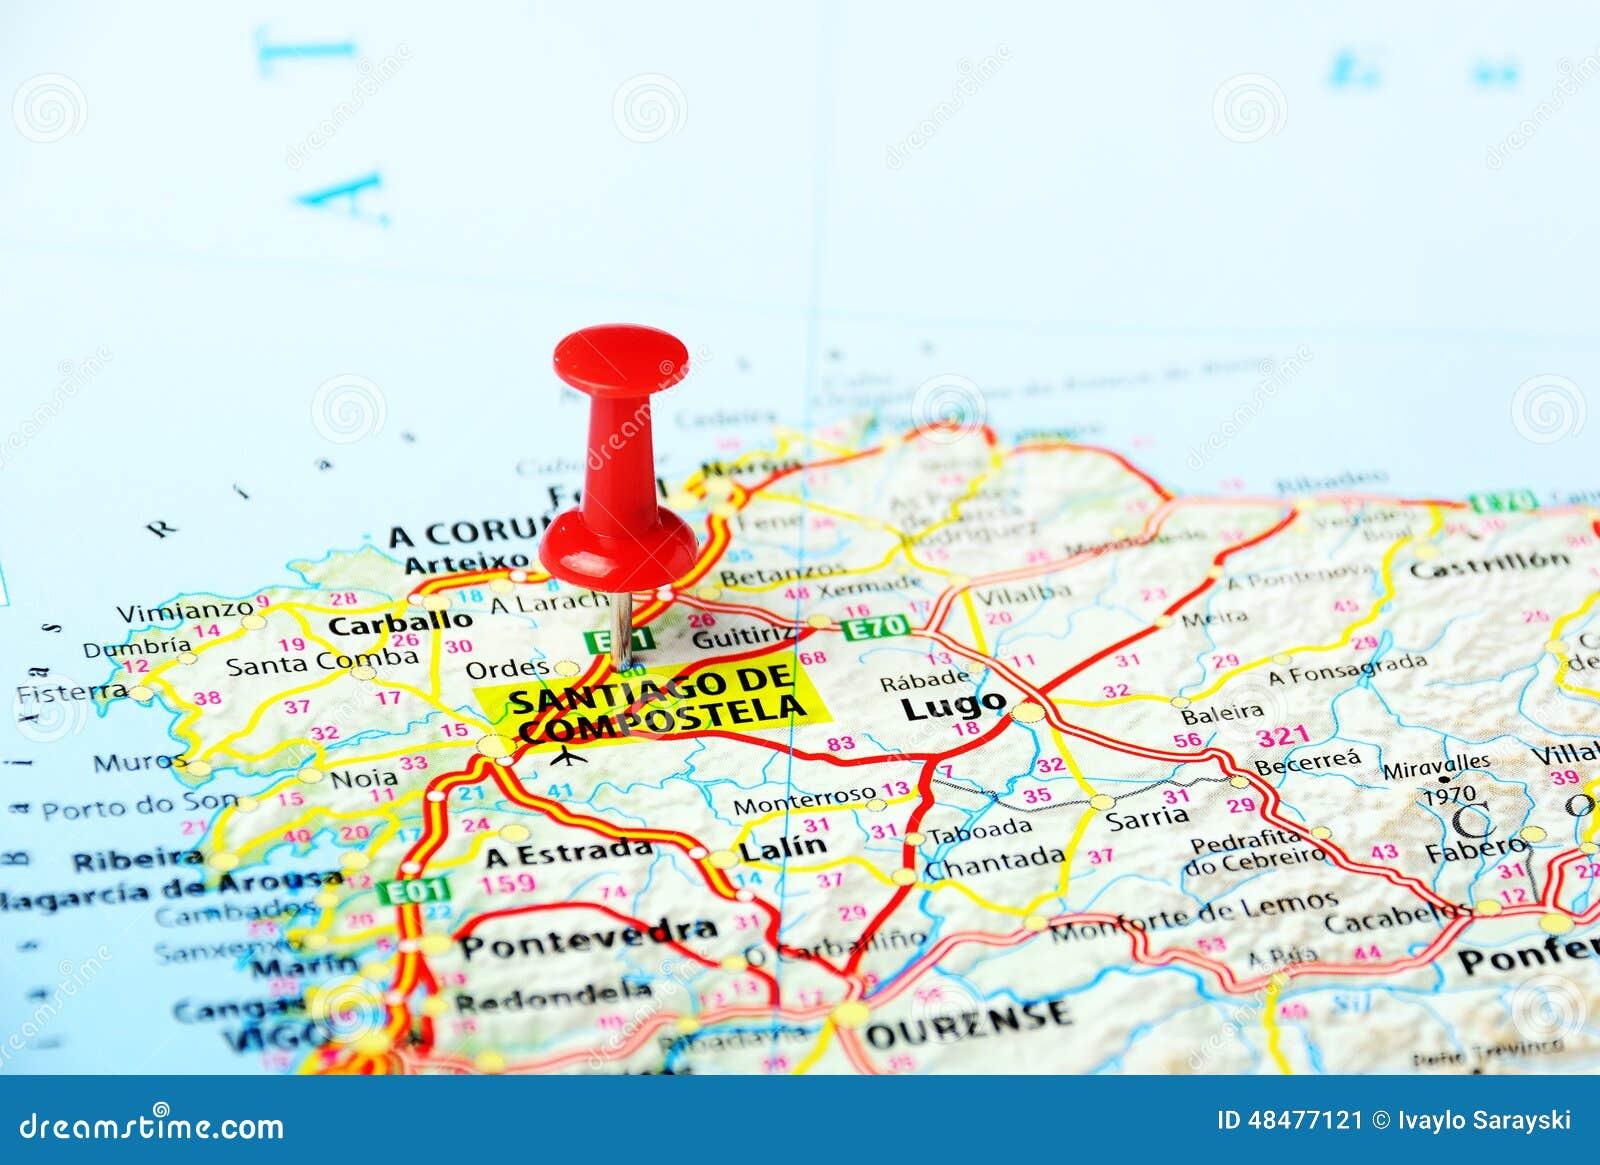 santiago de compostela mapa Santiago De Compostela Mapa De España Stock Images   6 Photos santiago de compostela mapa